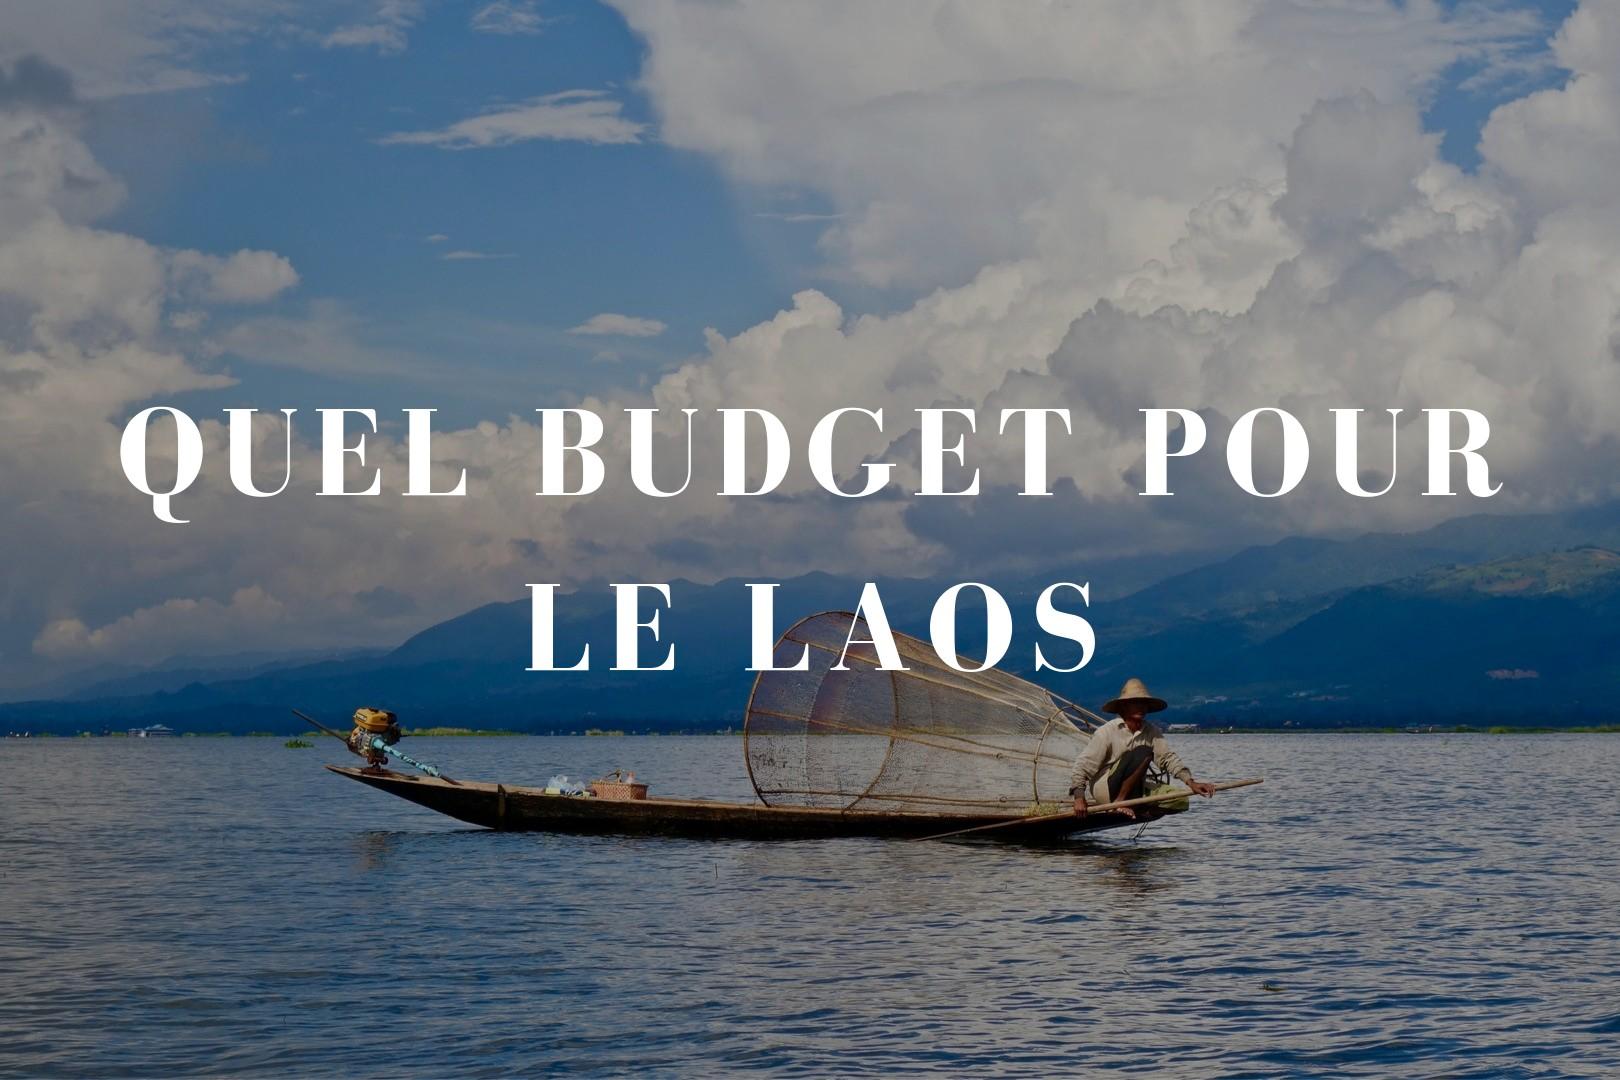 Quel budget pour le Laos